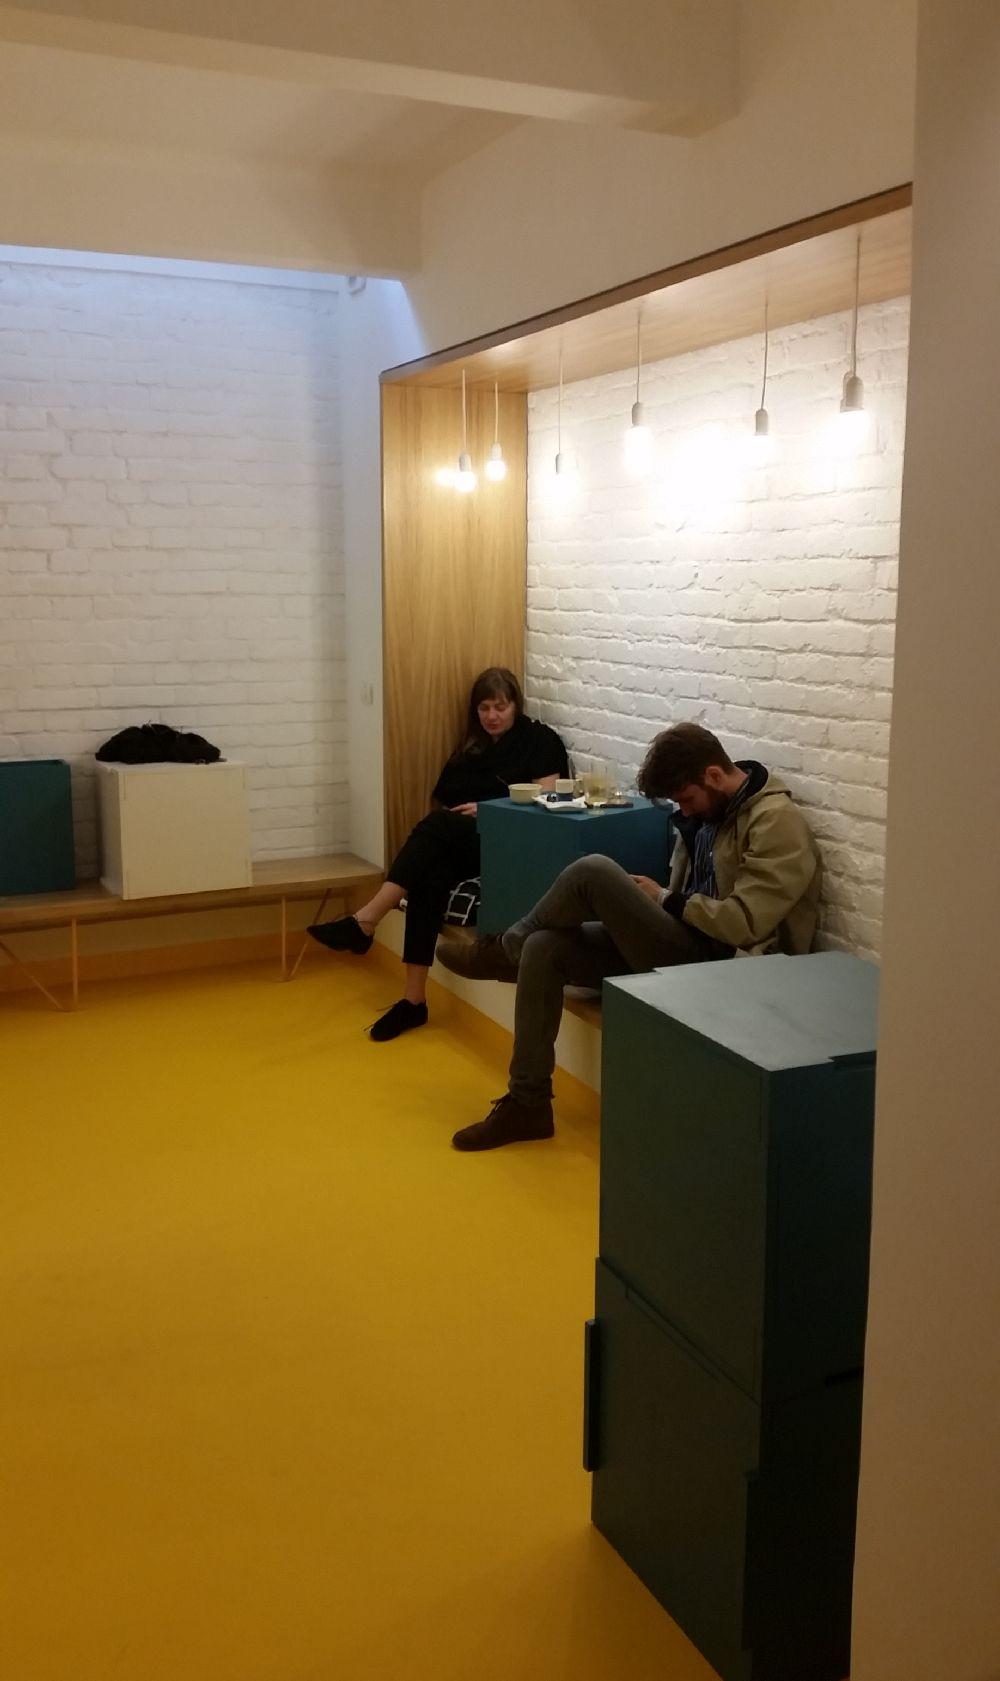 adelaparvu.com despre cafeneaua Arome, Bucuresti, design interior Silvia Diaconu, Bogdan Gogoci (4)